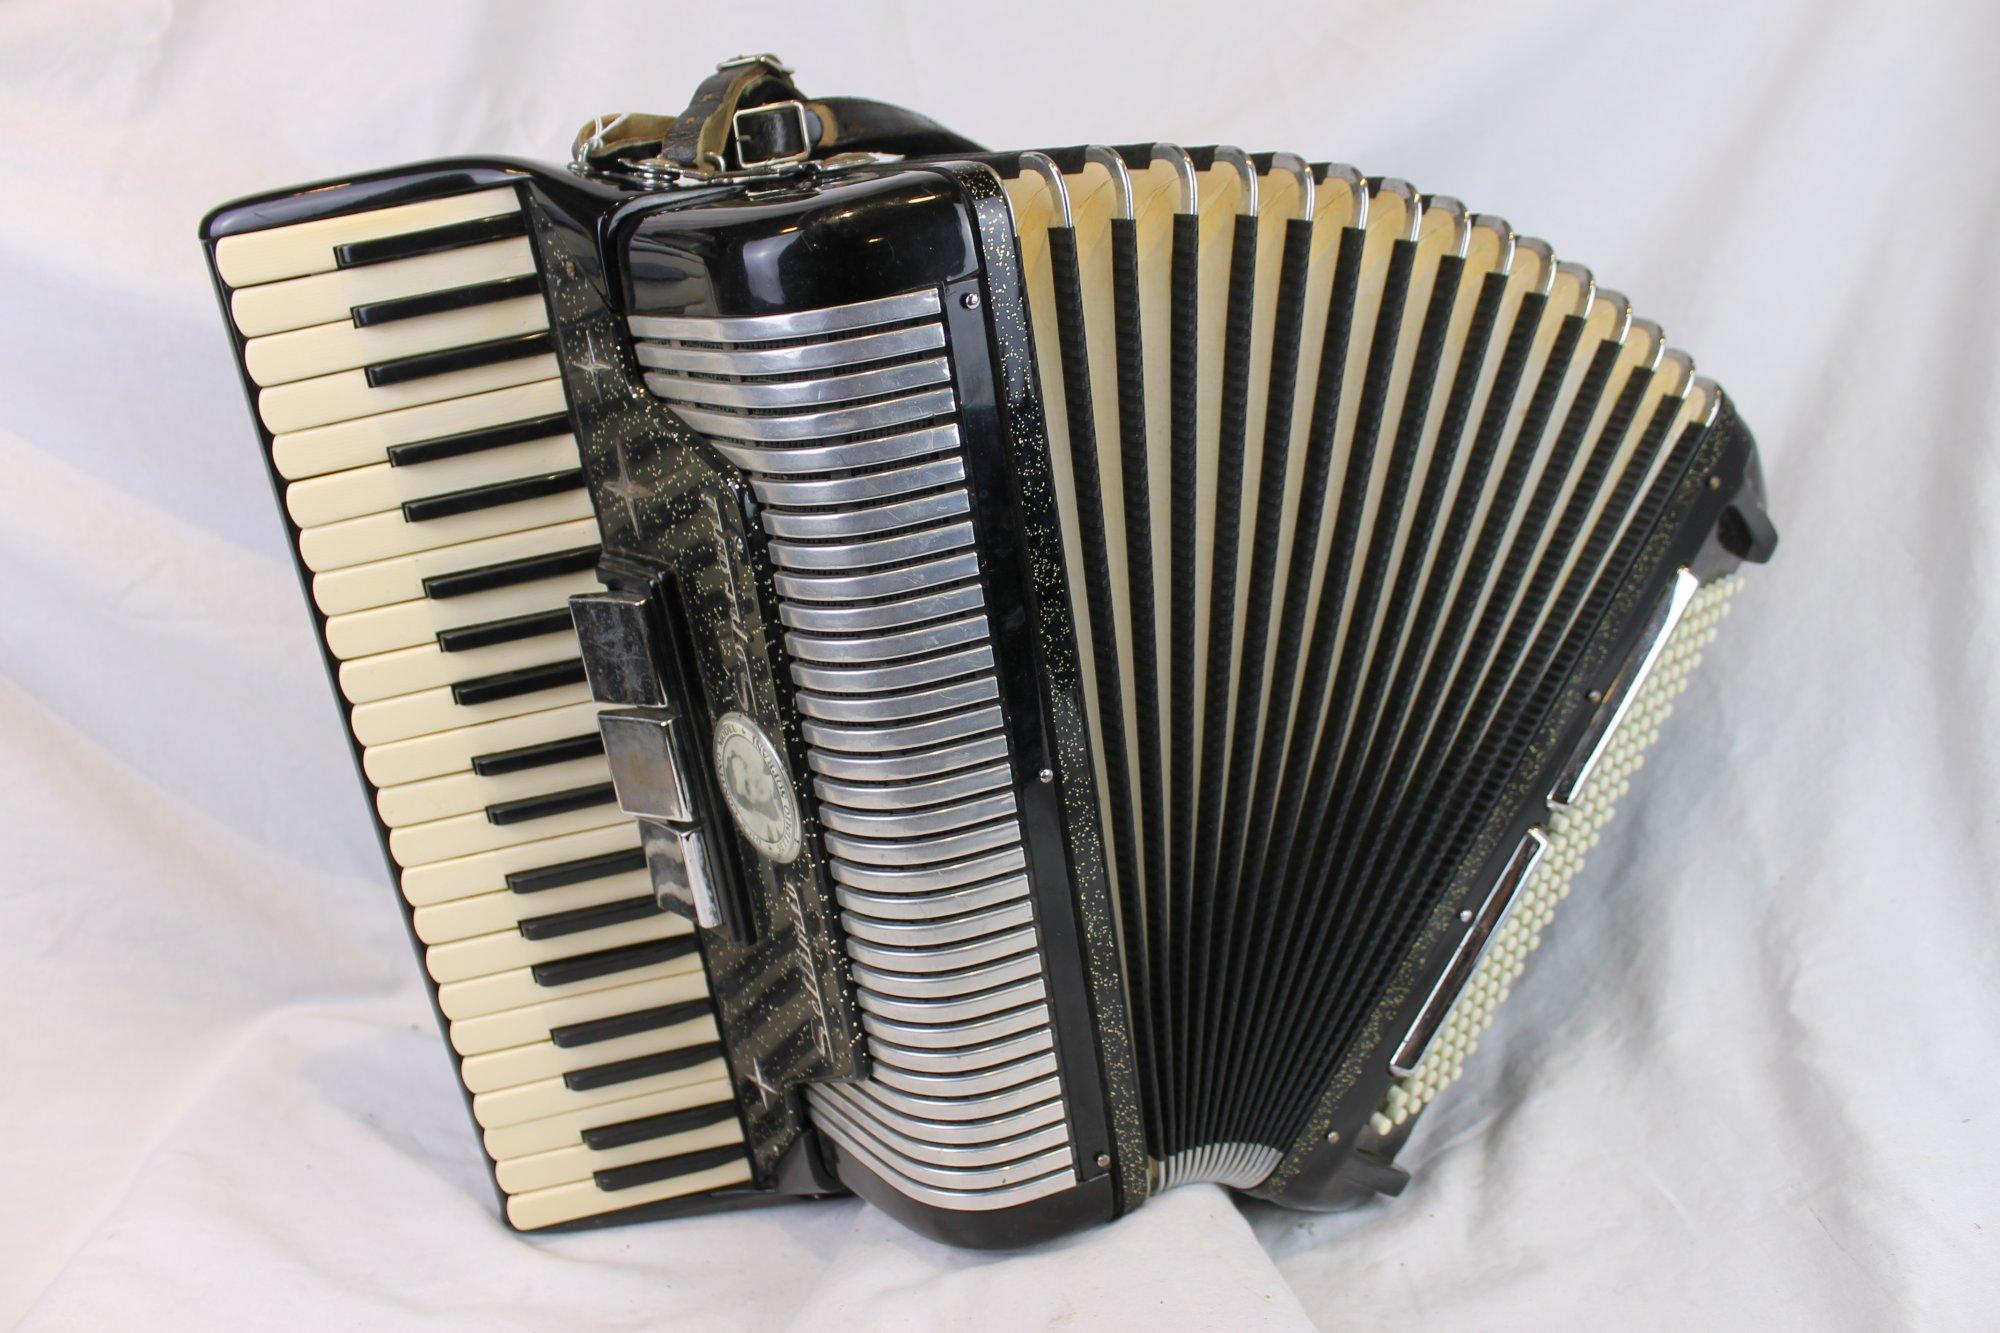 6102 - Black Sparkle Settimio Soprani Dick Contino Piano Accordion LM 41 120